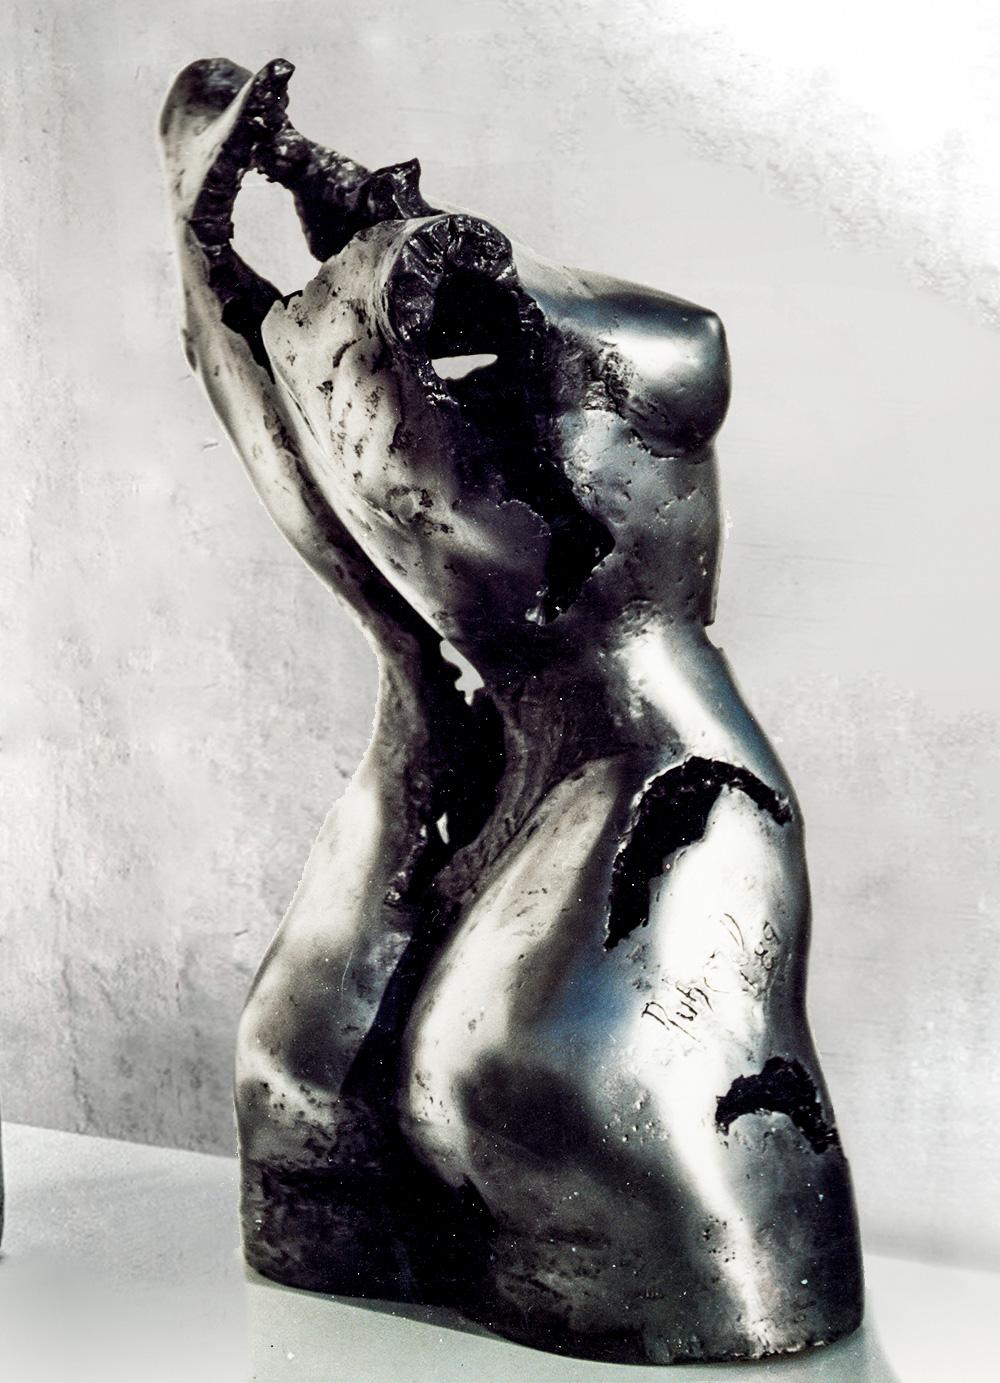 Escultura-Torso-Femenino-Aluminio-B-C.Danone-RD.Escultor